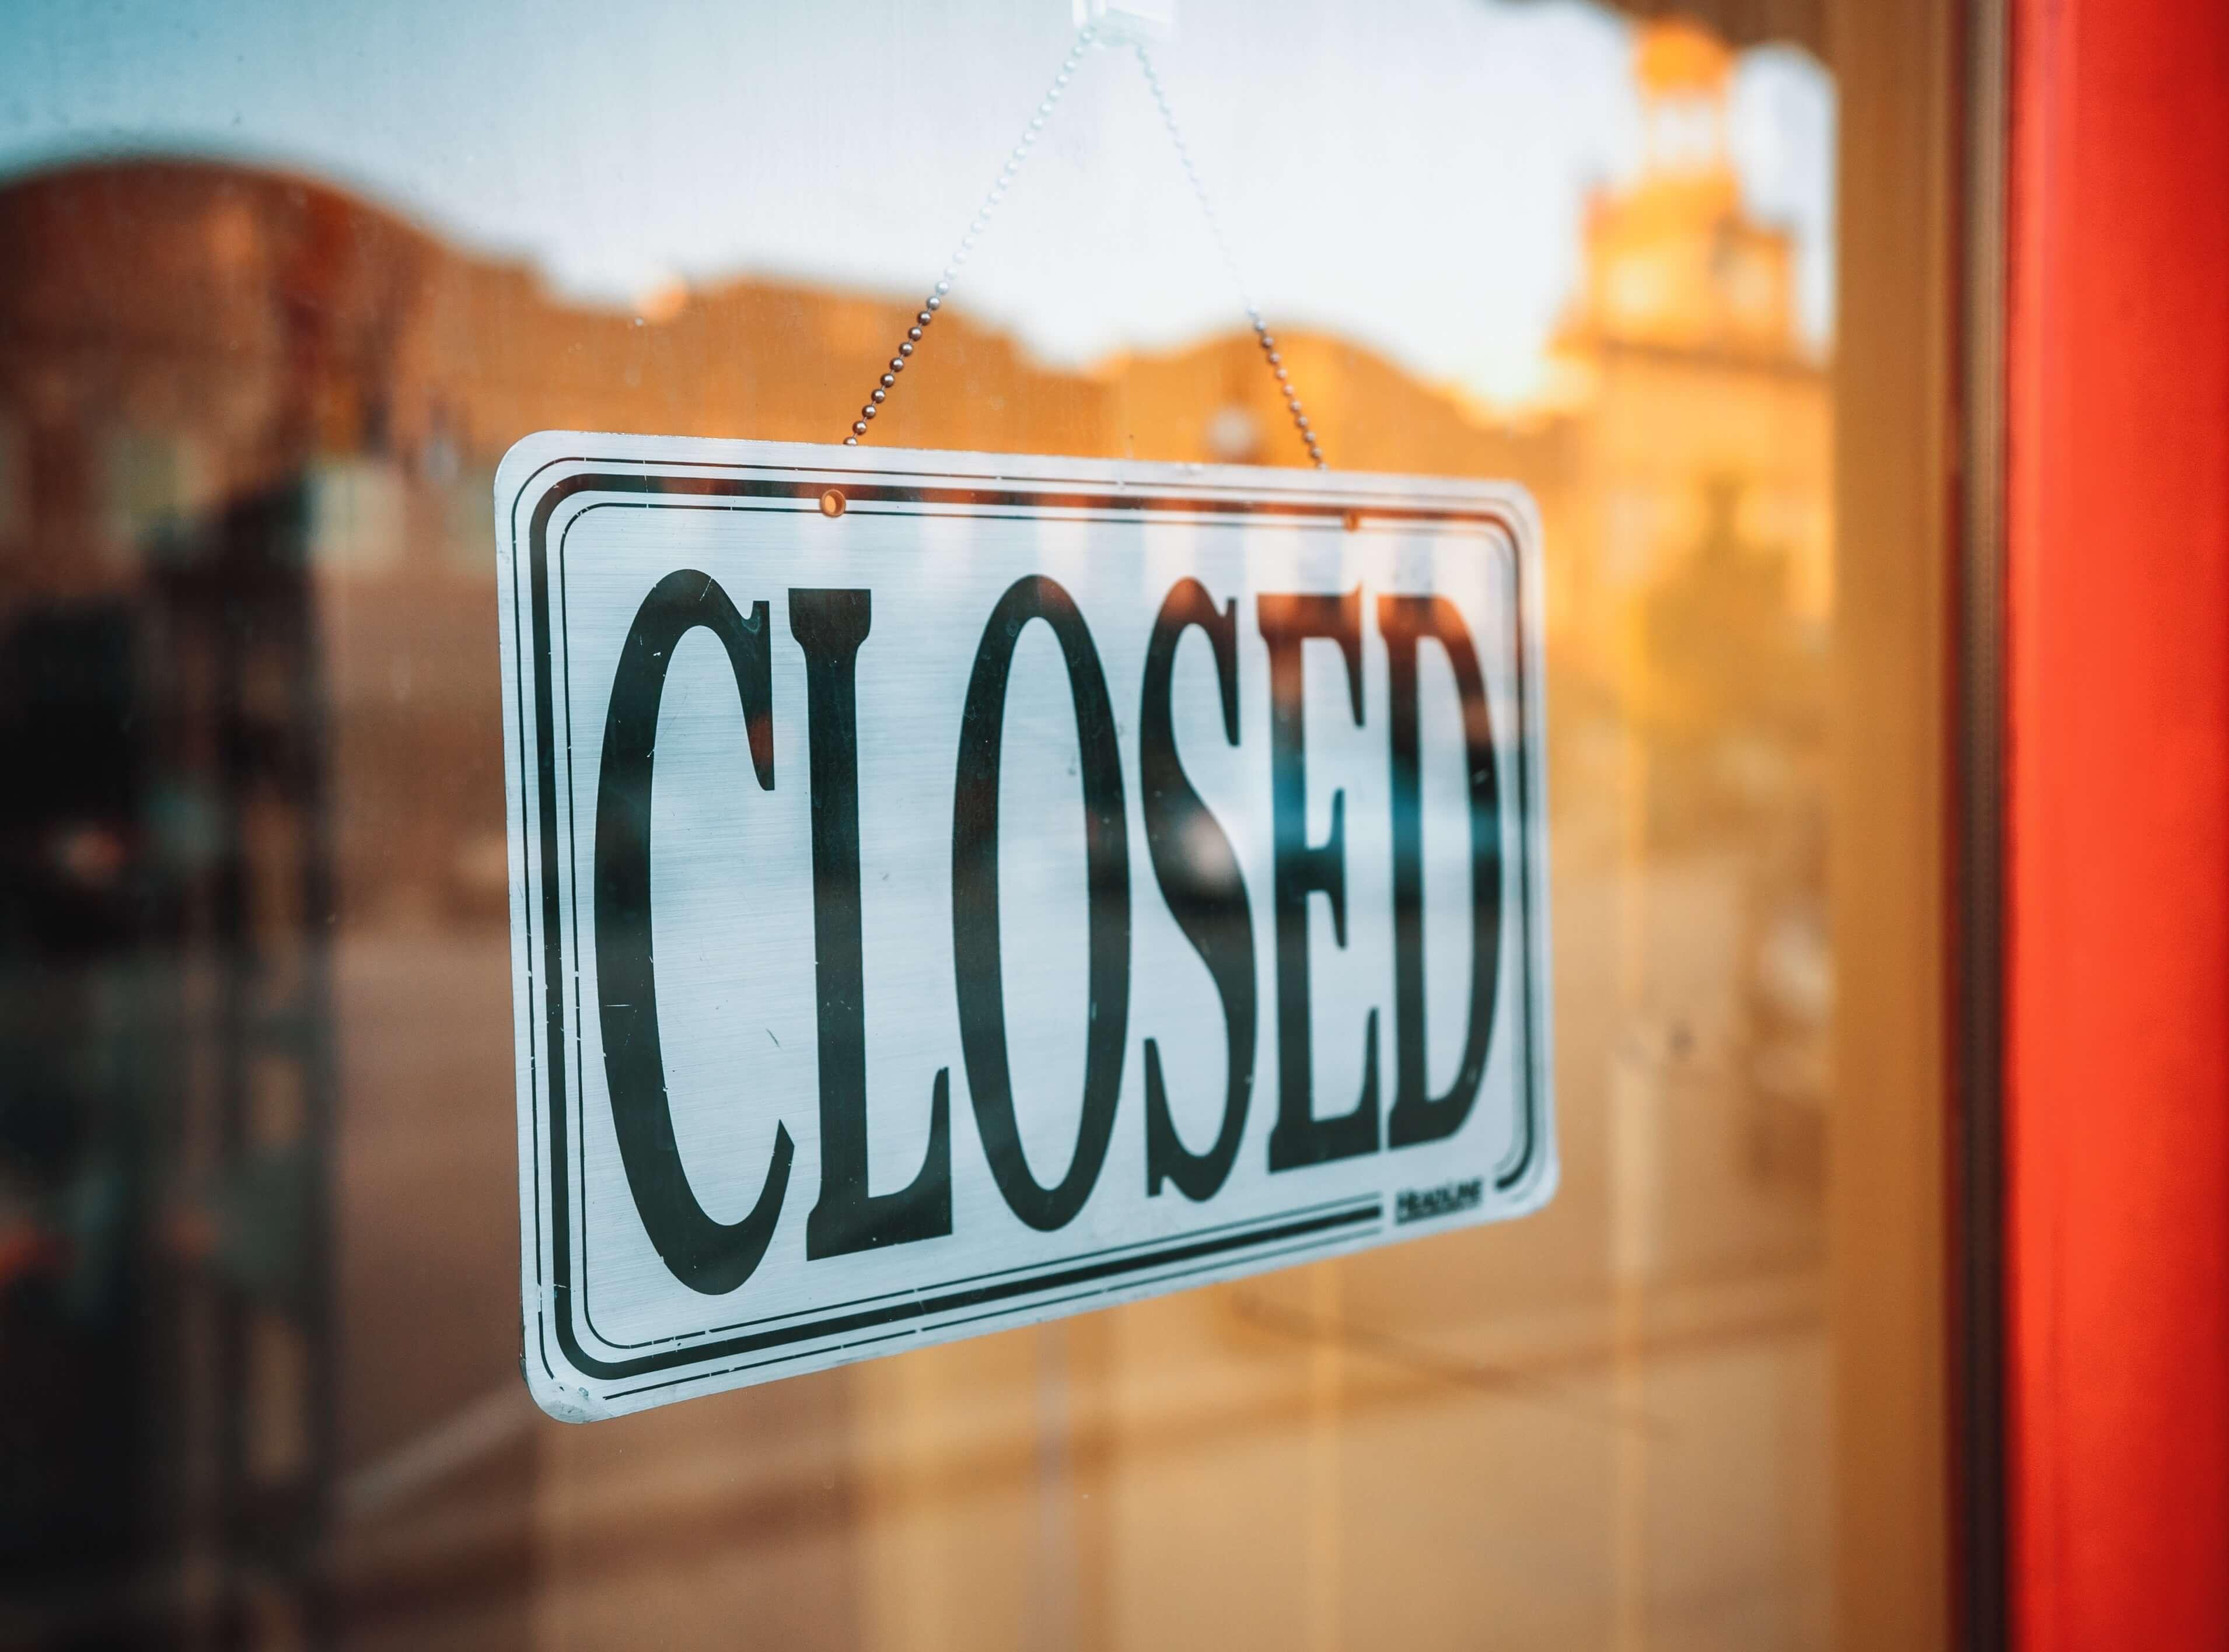 PLT practice is closed